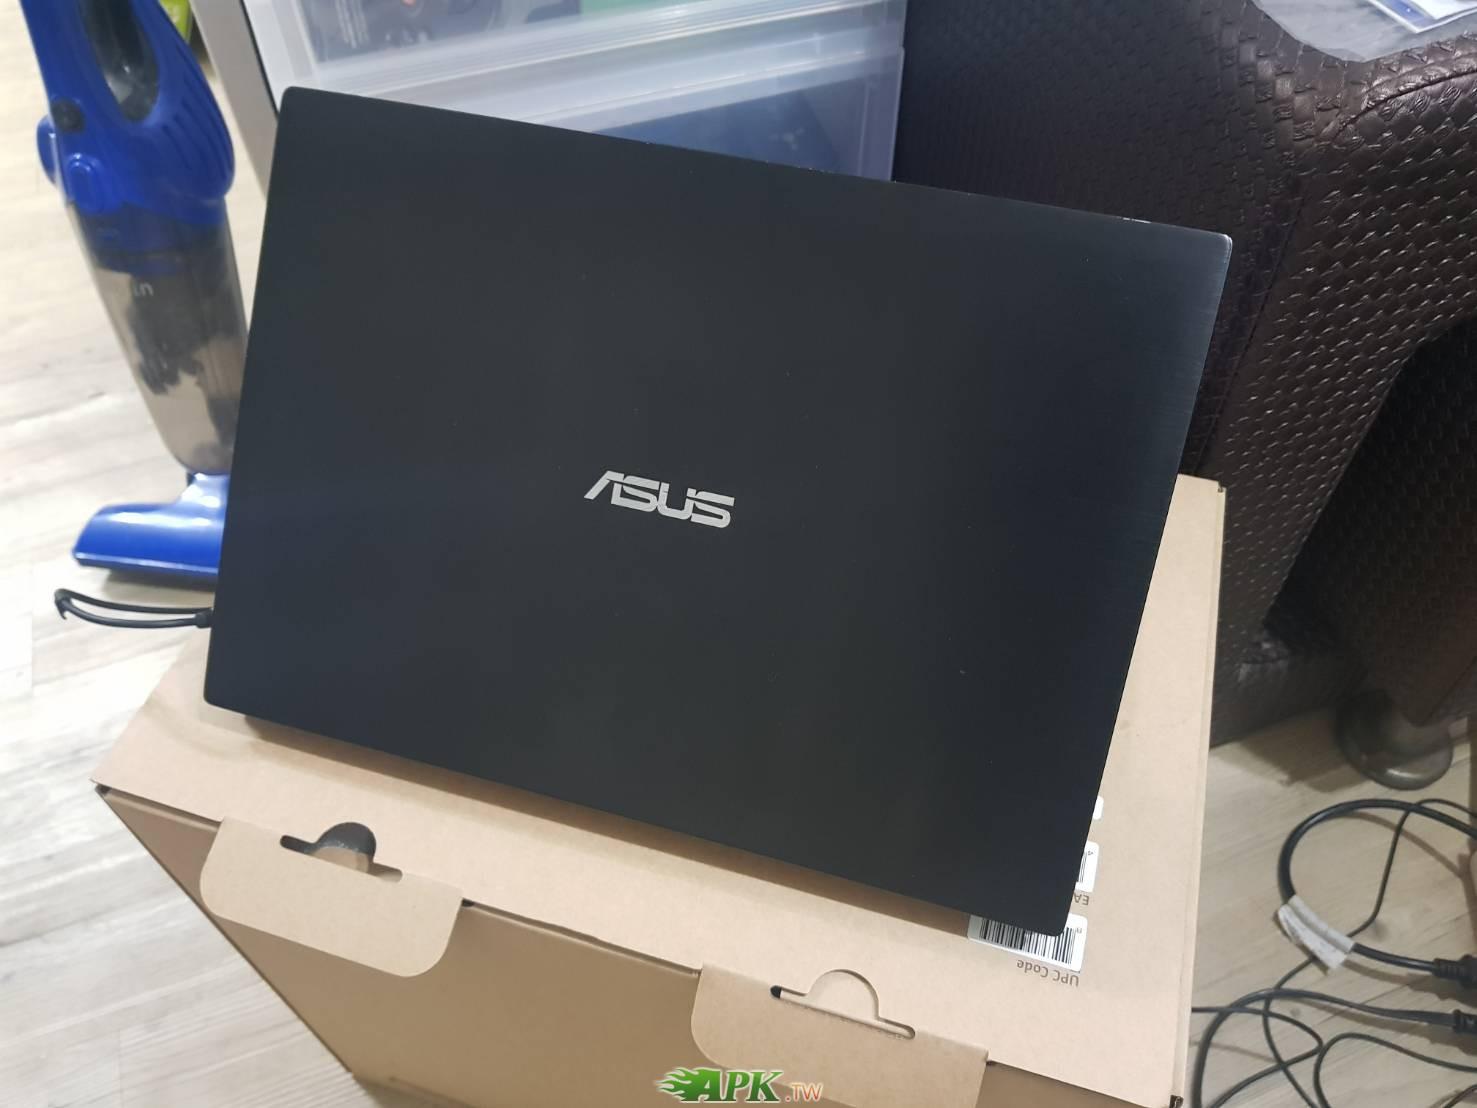 ASUS 華碩 PU401LA 高級I5商務輕薄筆電 可遊戲